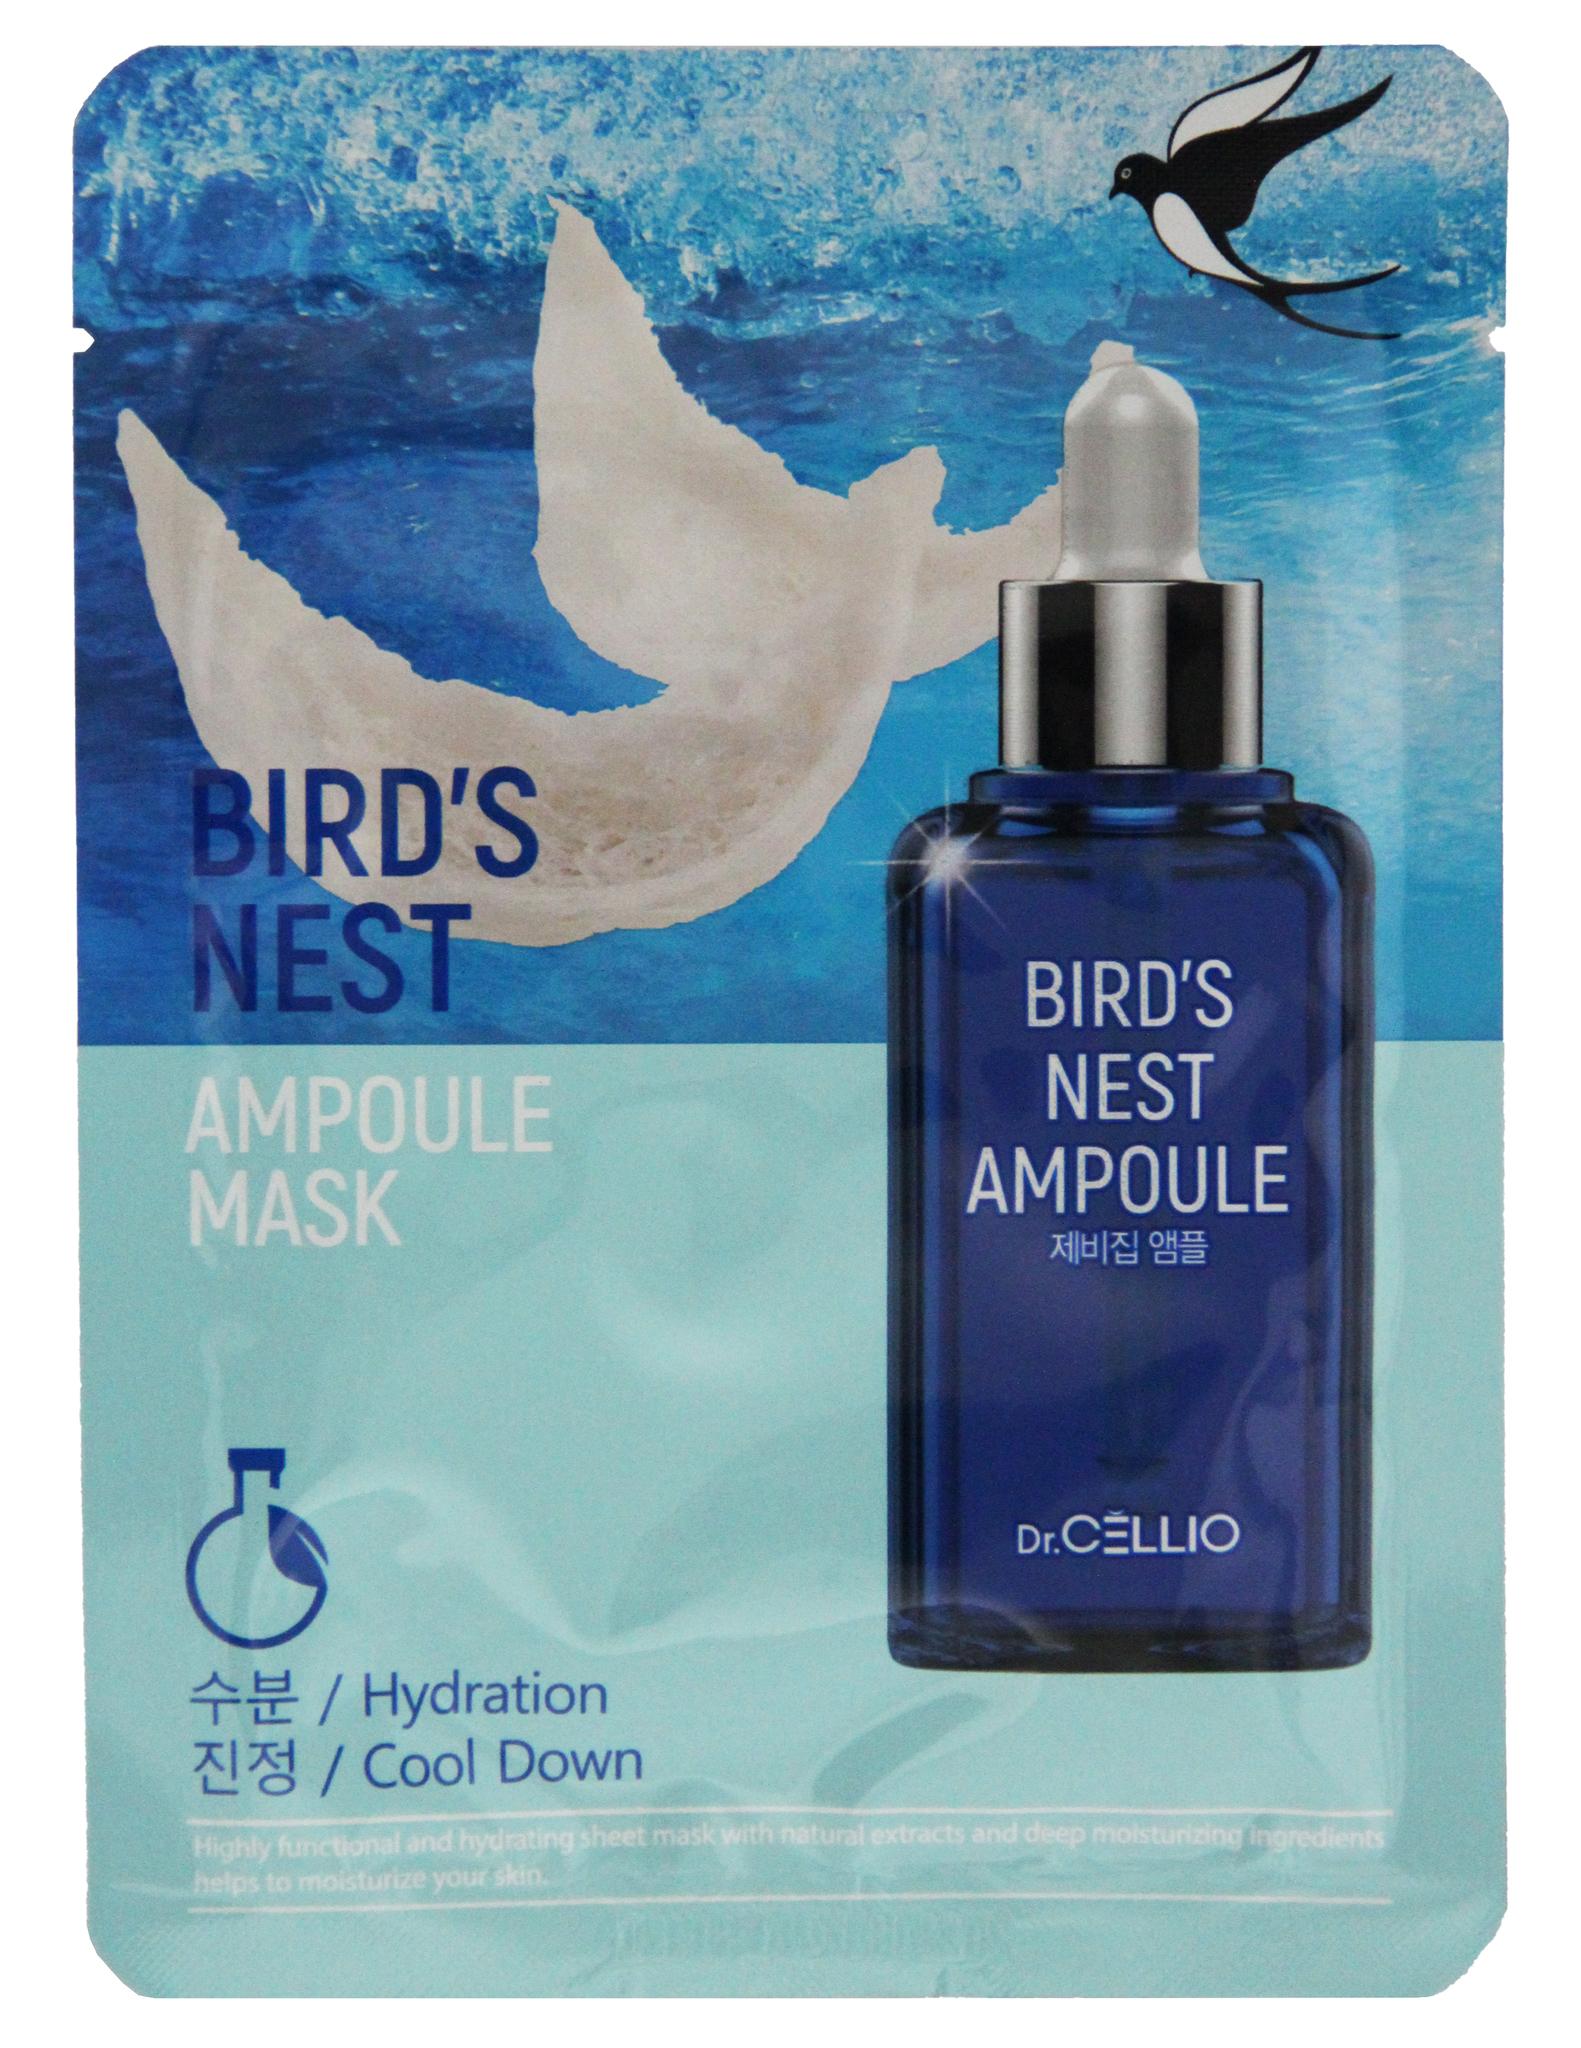 Тканевые Маска тканевая для лица с экстр.ласточкиного гнезда Dr. CELLIO BIRD'S NEST AMPOULE MASK 2a95ecd3cee66c9b.jpeg